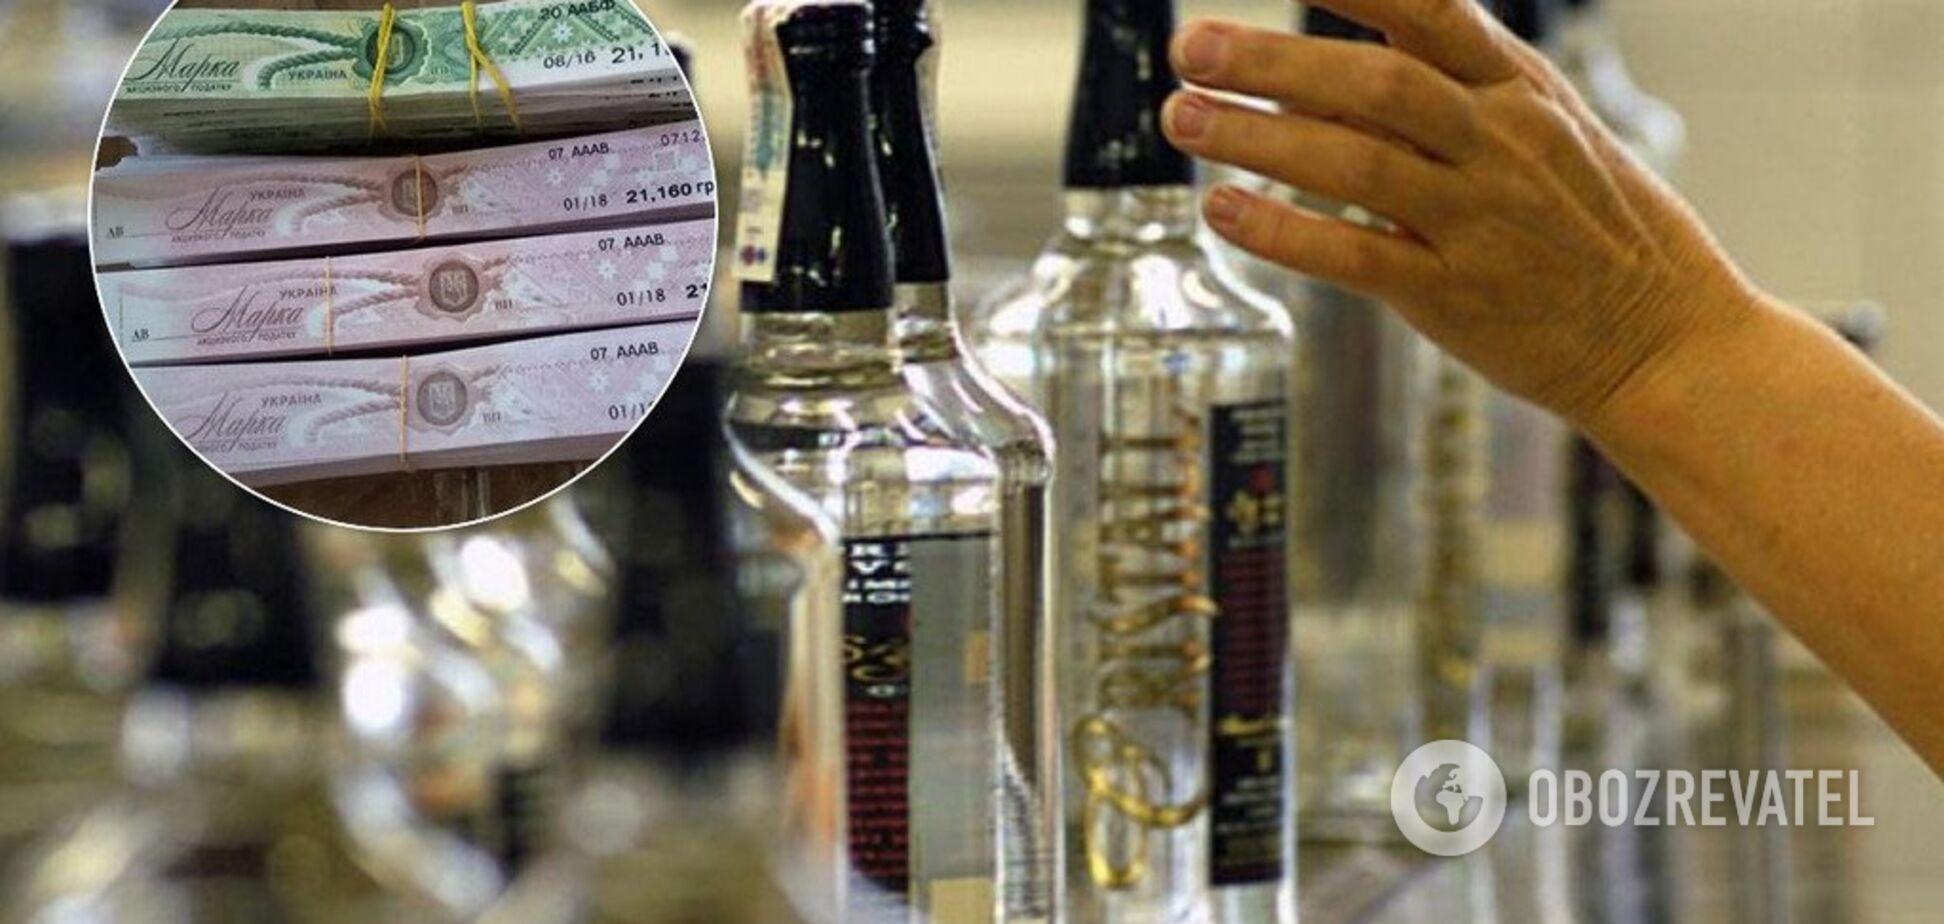 В Україні оголосили війну підробленому алкоголю: що з цього вийшло